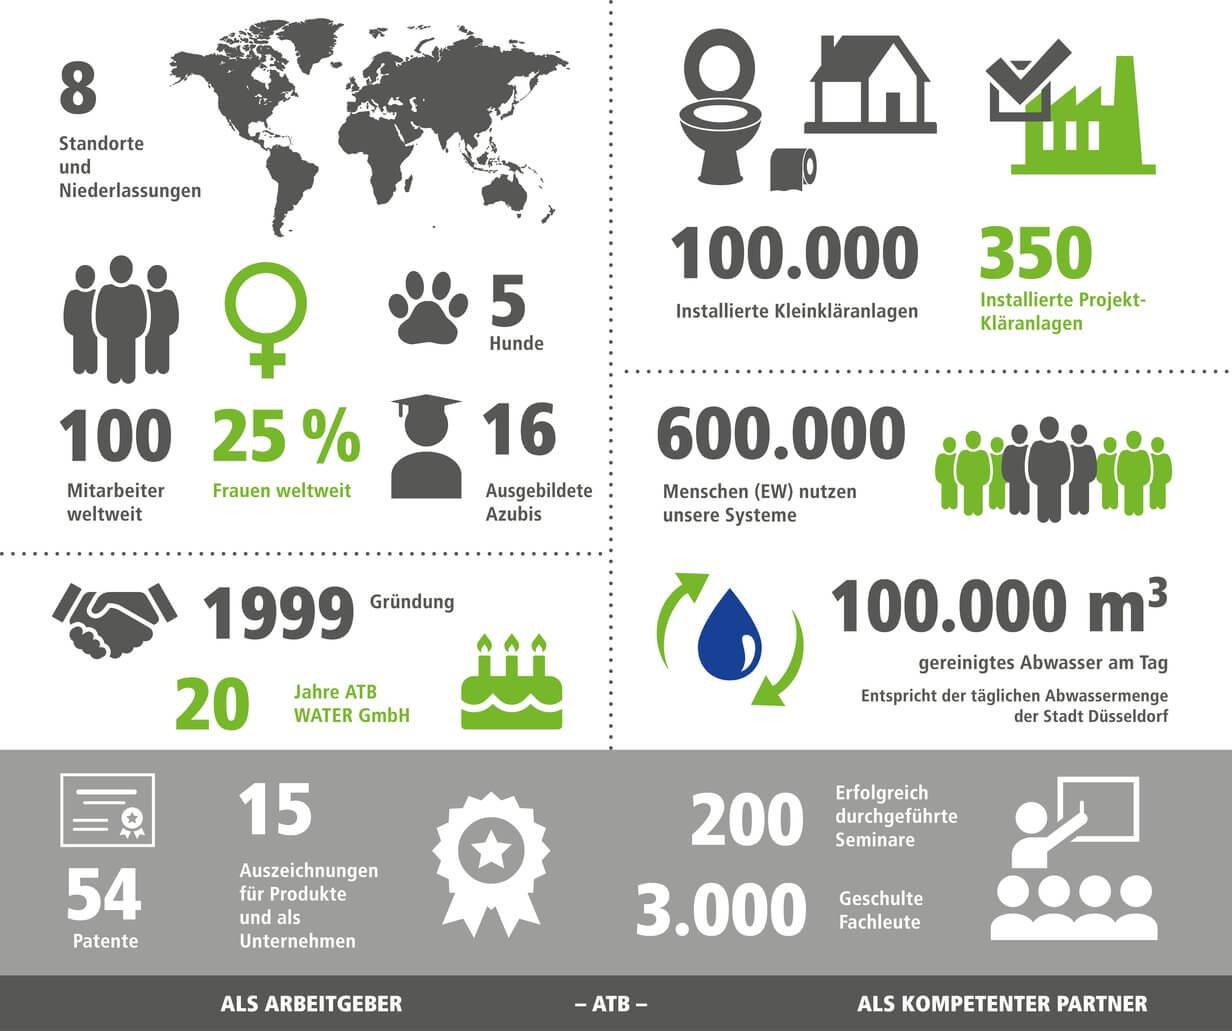 Wichtige Zahlen und Fakten über das Unternehmen ATB